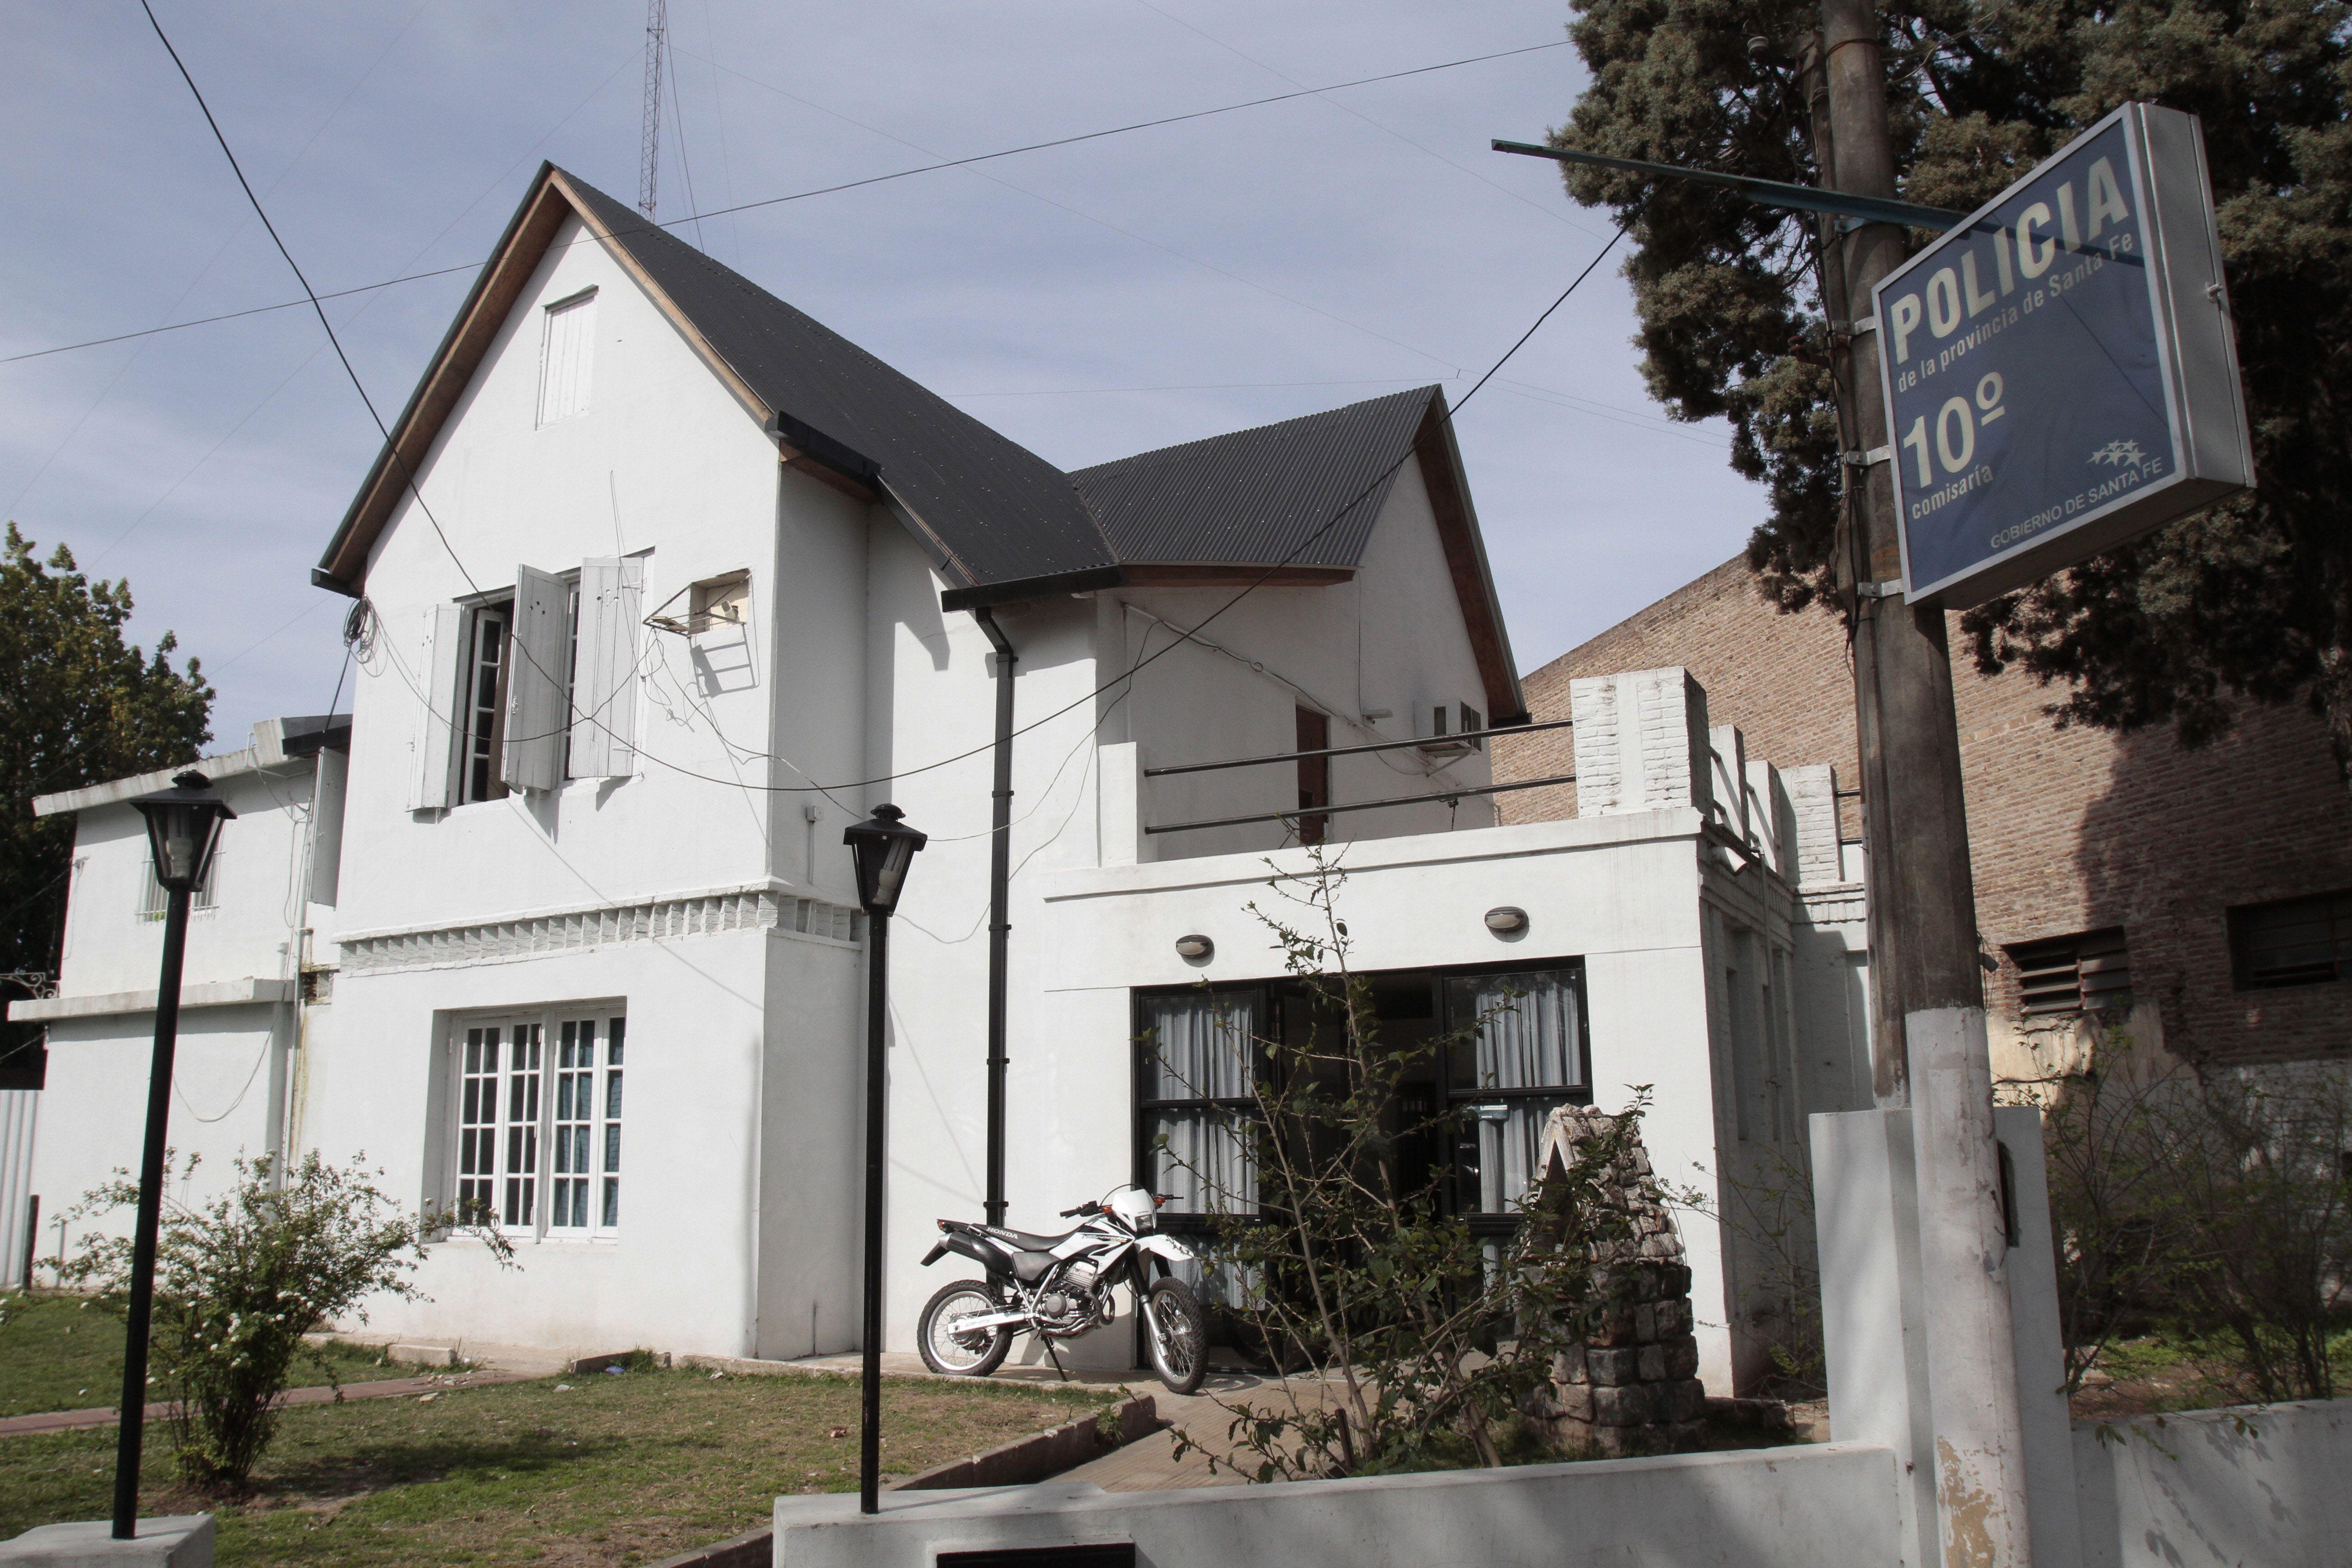 El asalto en la inmobiliaria fue denunciado en la seccional 10ª. (Foto de archivo)